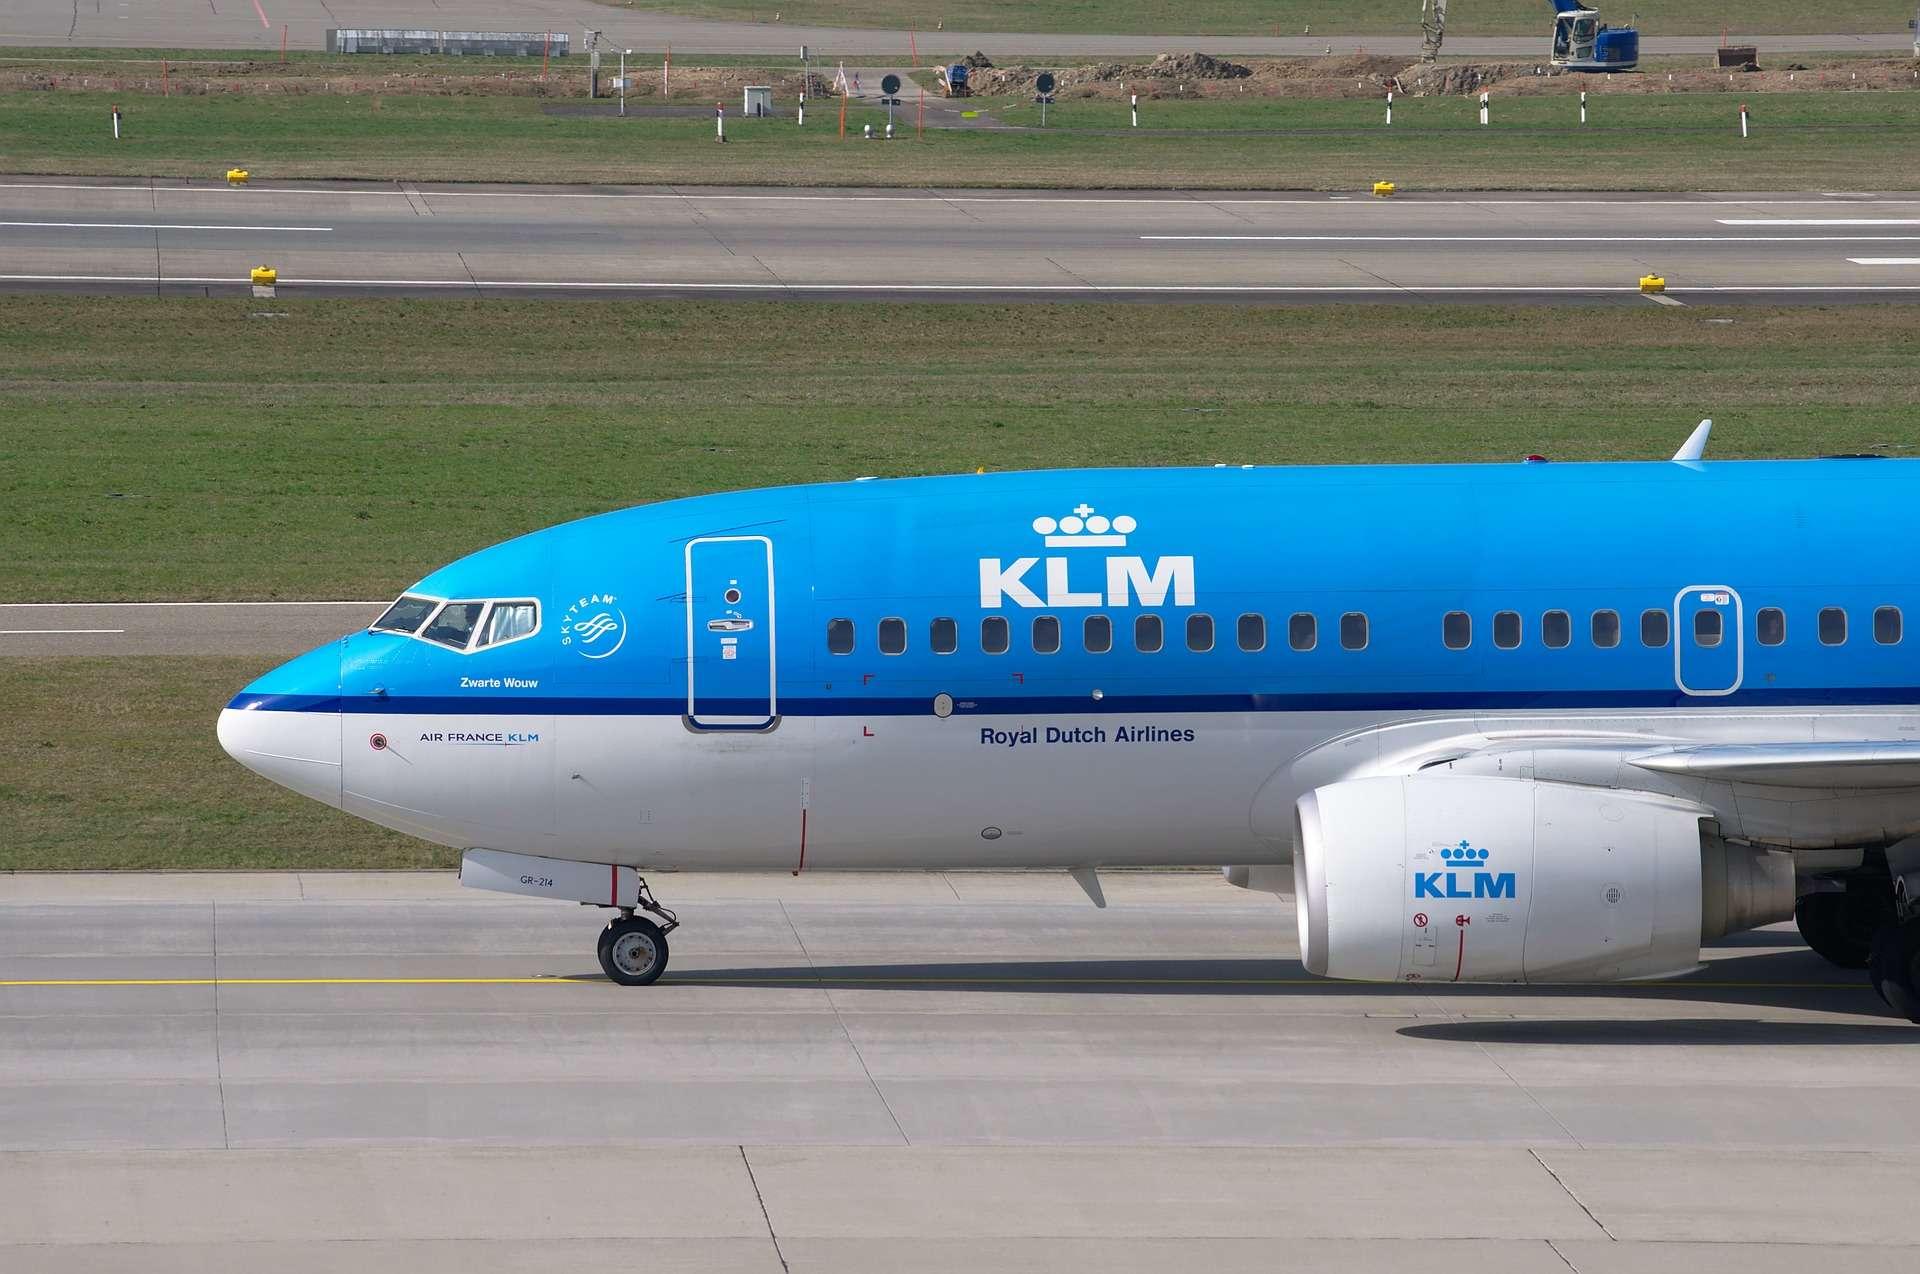 Slot op aantal vluchten logisch, maar krimp luchtvaart noodzakelijk